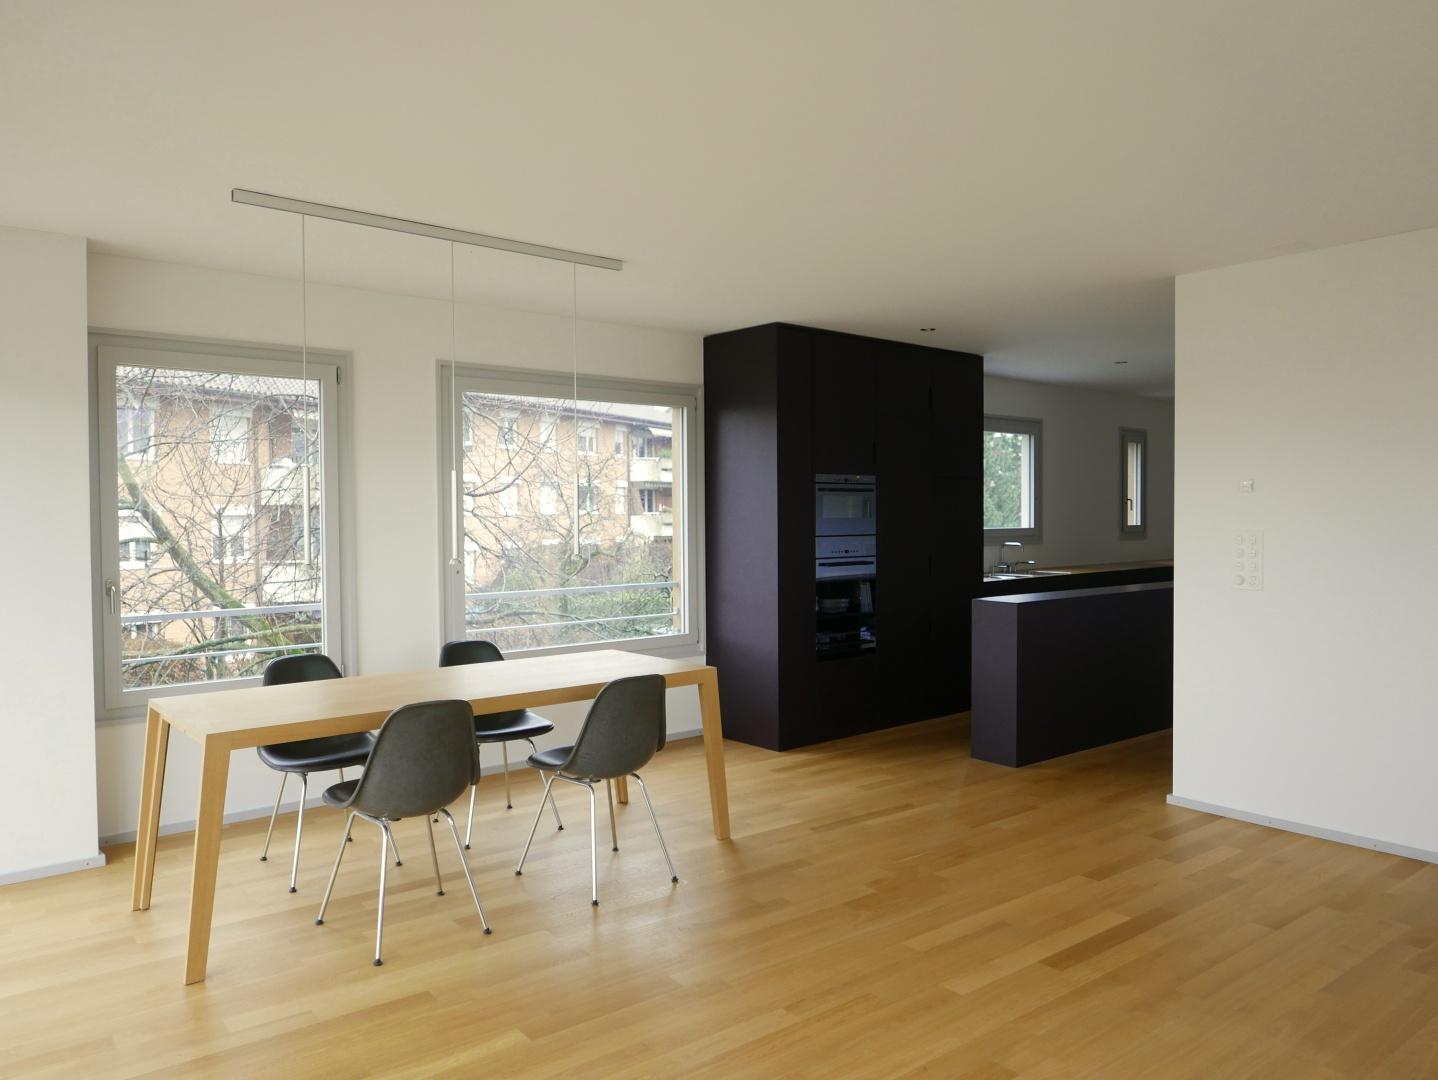 Wohnzimmer & Küche © Grieder Jaquet Jeltsch Architekten, Dornacherstr. 101, ch-4053 Basel